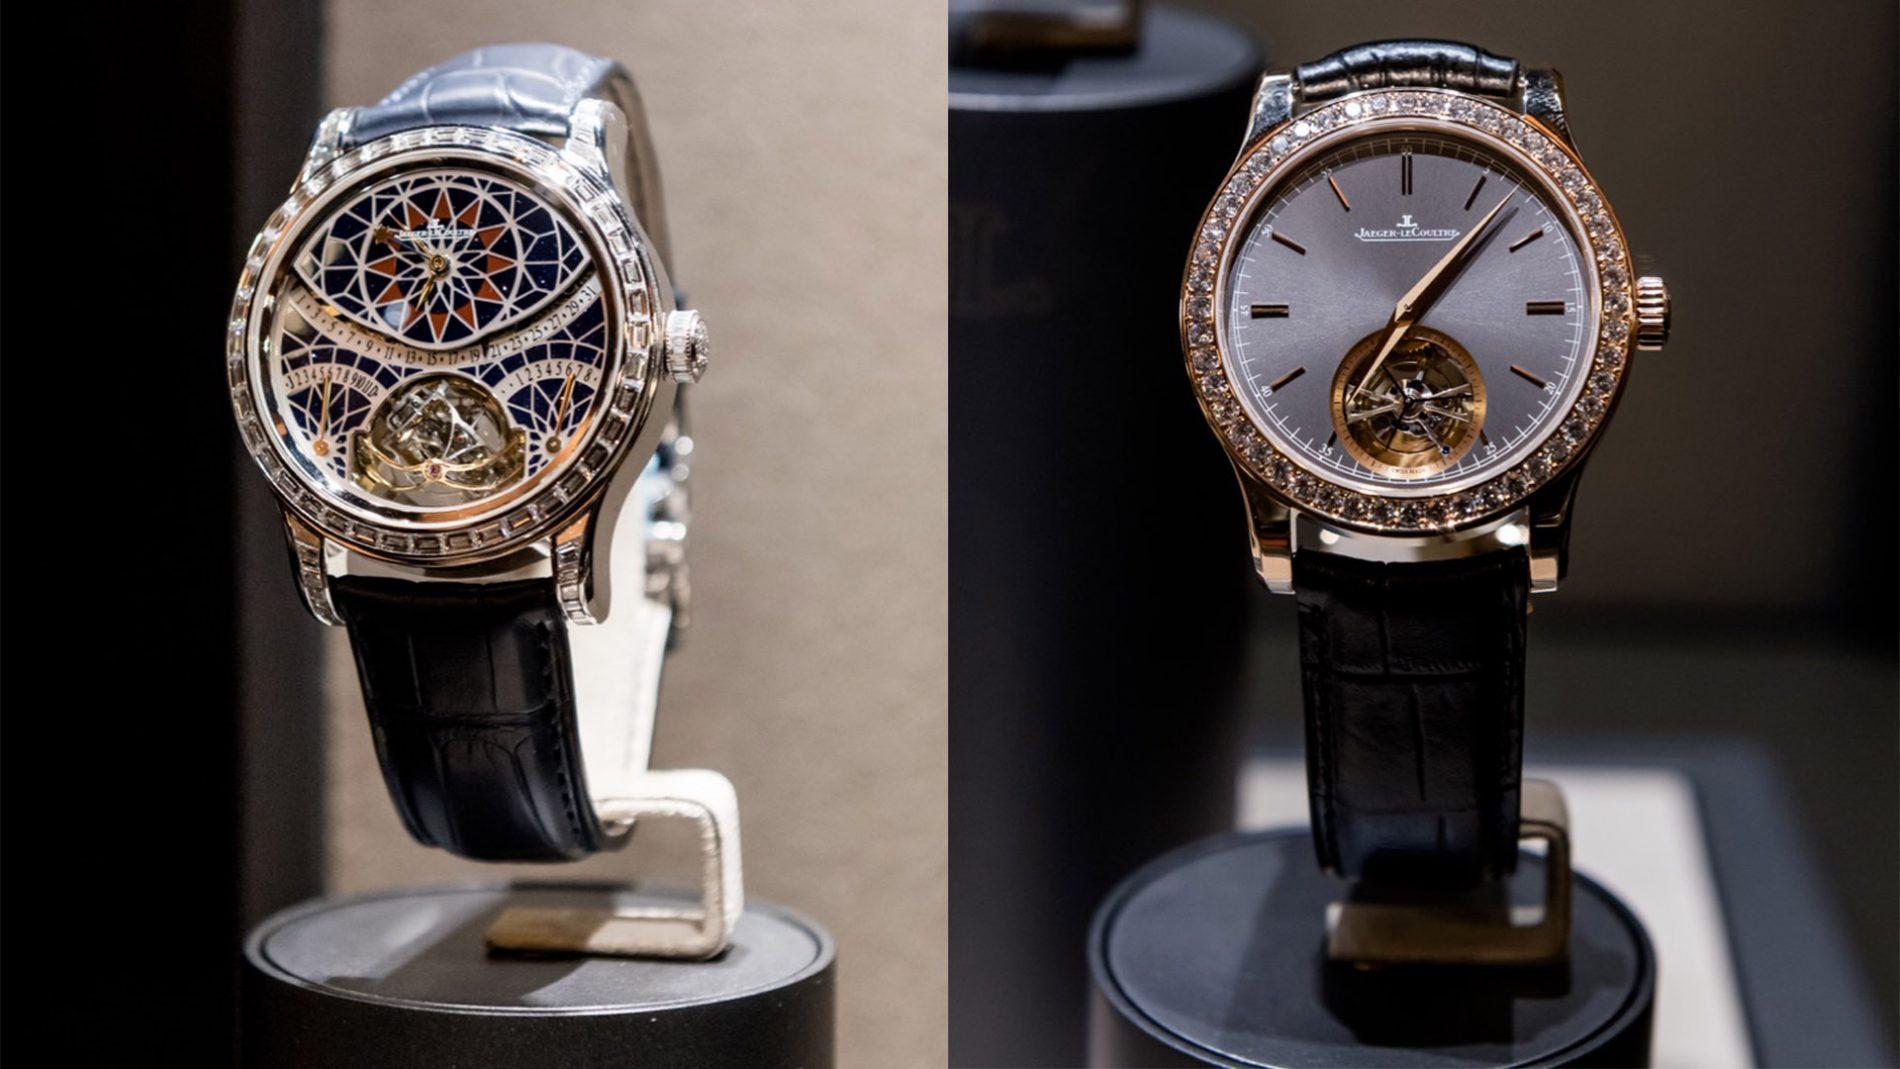 英格列斯设计师品牌 腕表 高级男装 珠宝 Jaeger-LeCoultre